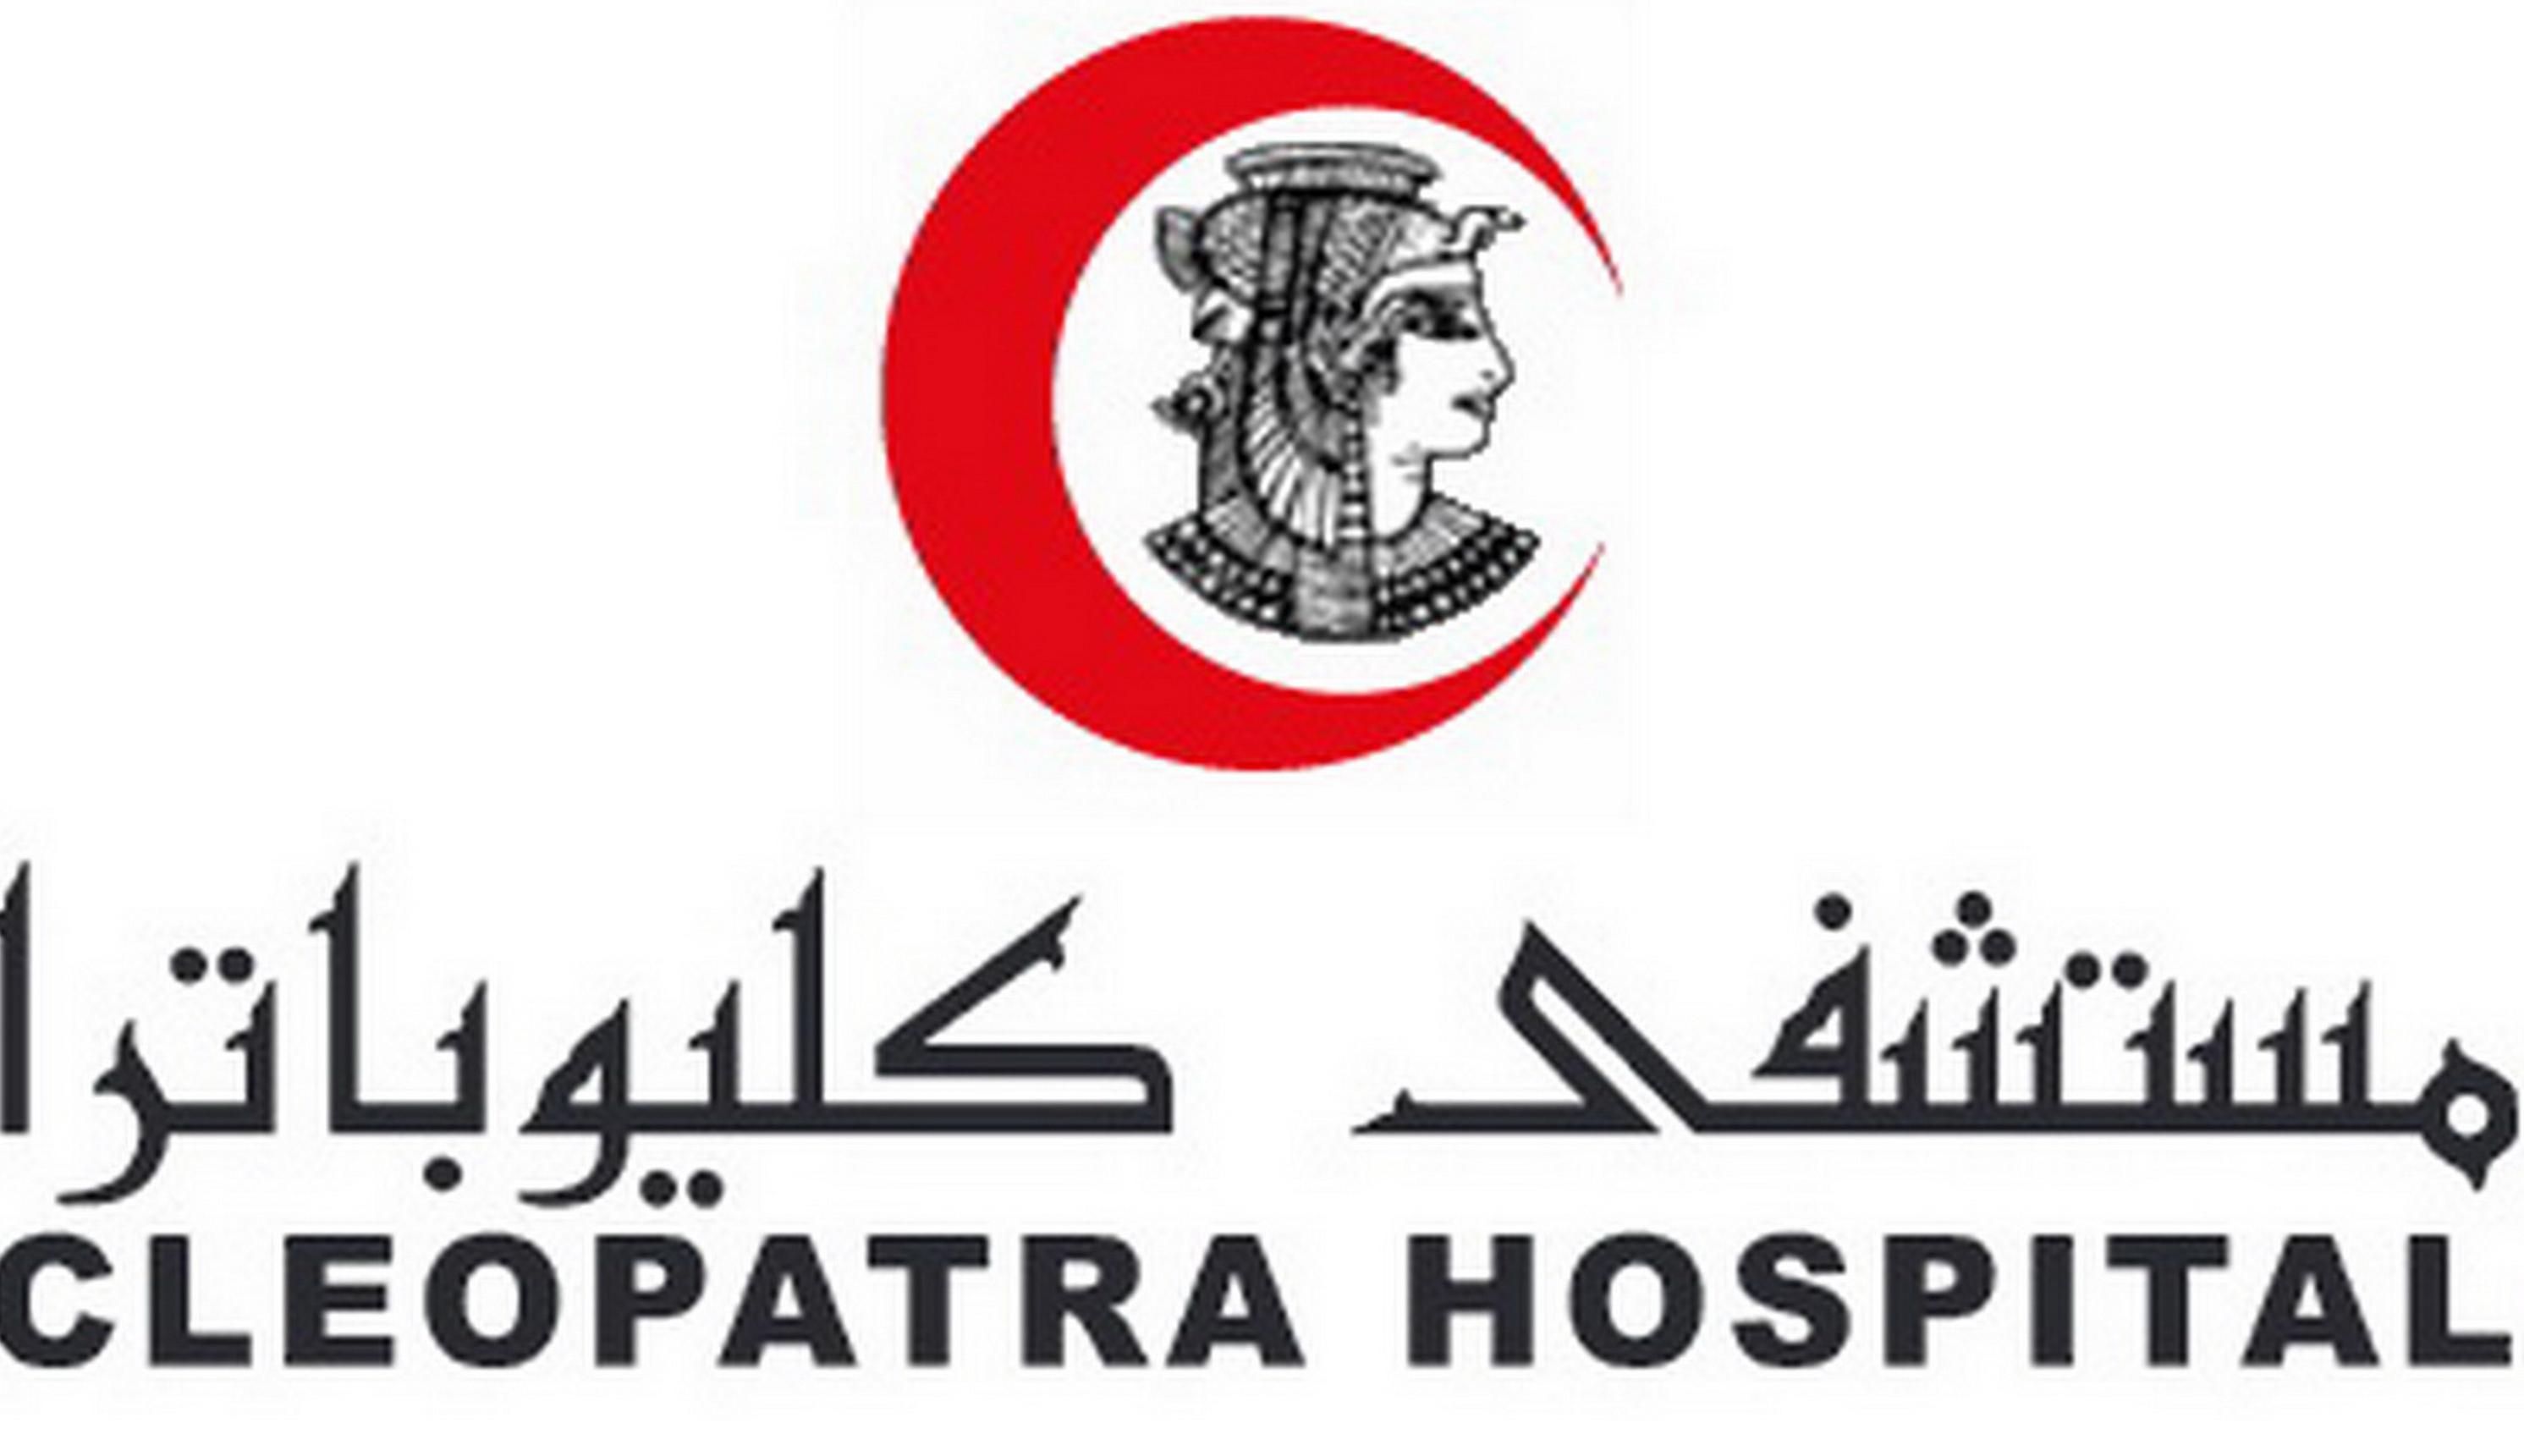 Cleopatra Hospital